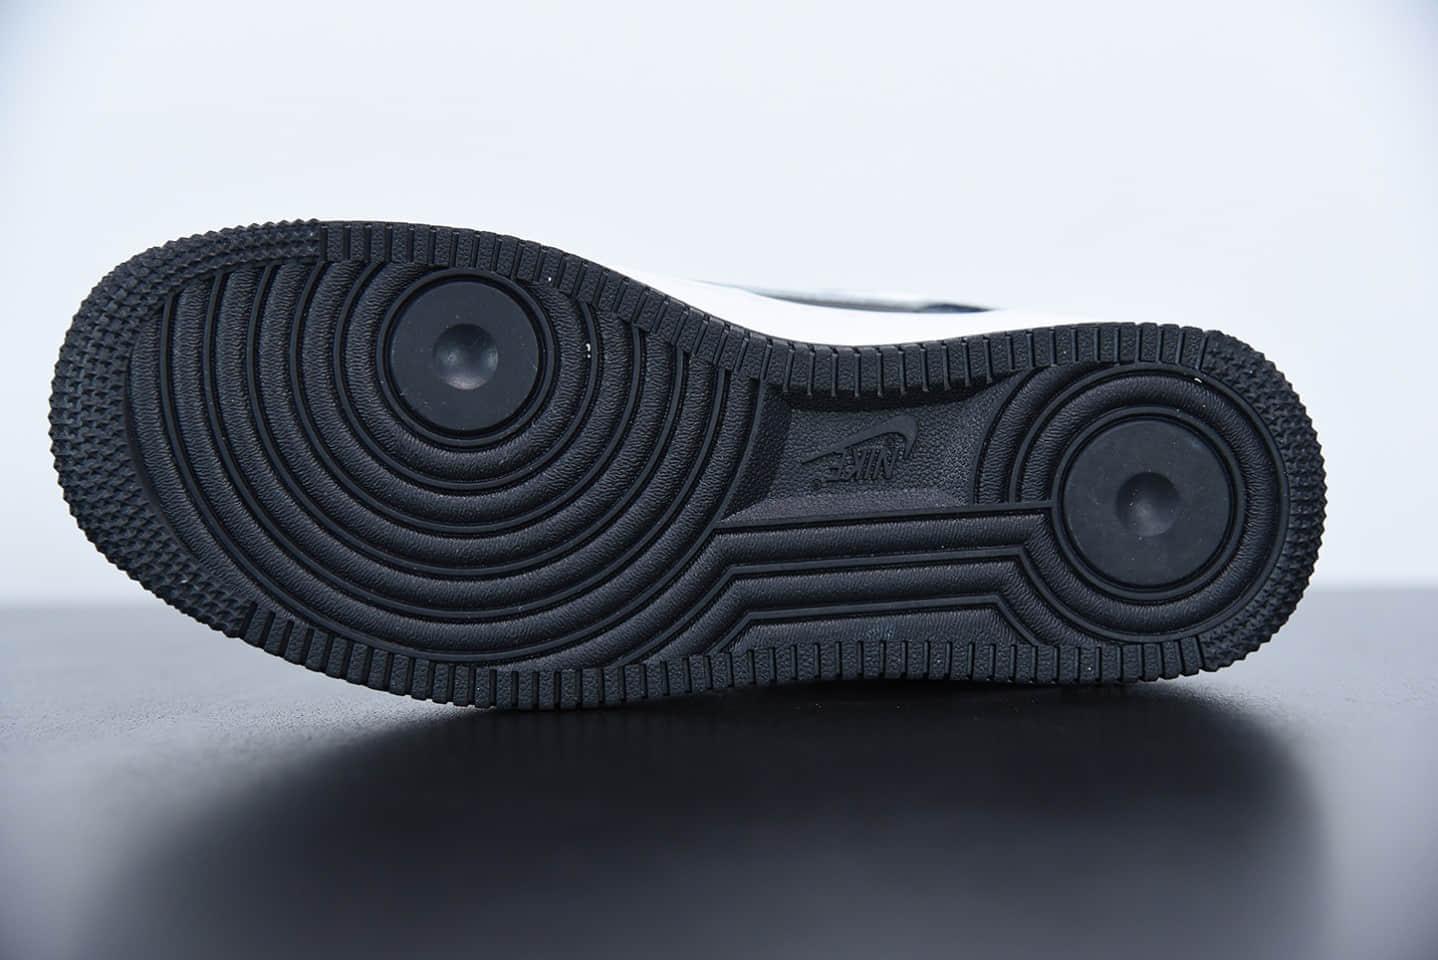 耐克NIKE Air Force 1 Low 空军一号经典款全黑白低帮休闲板鞋纯原版本 货号:DC2300-001